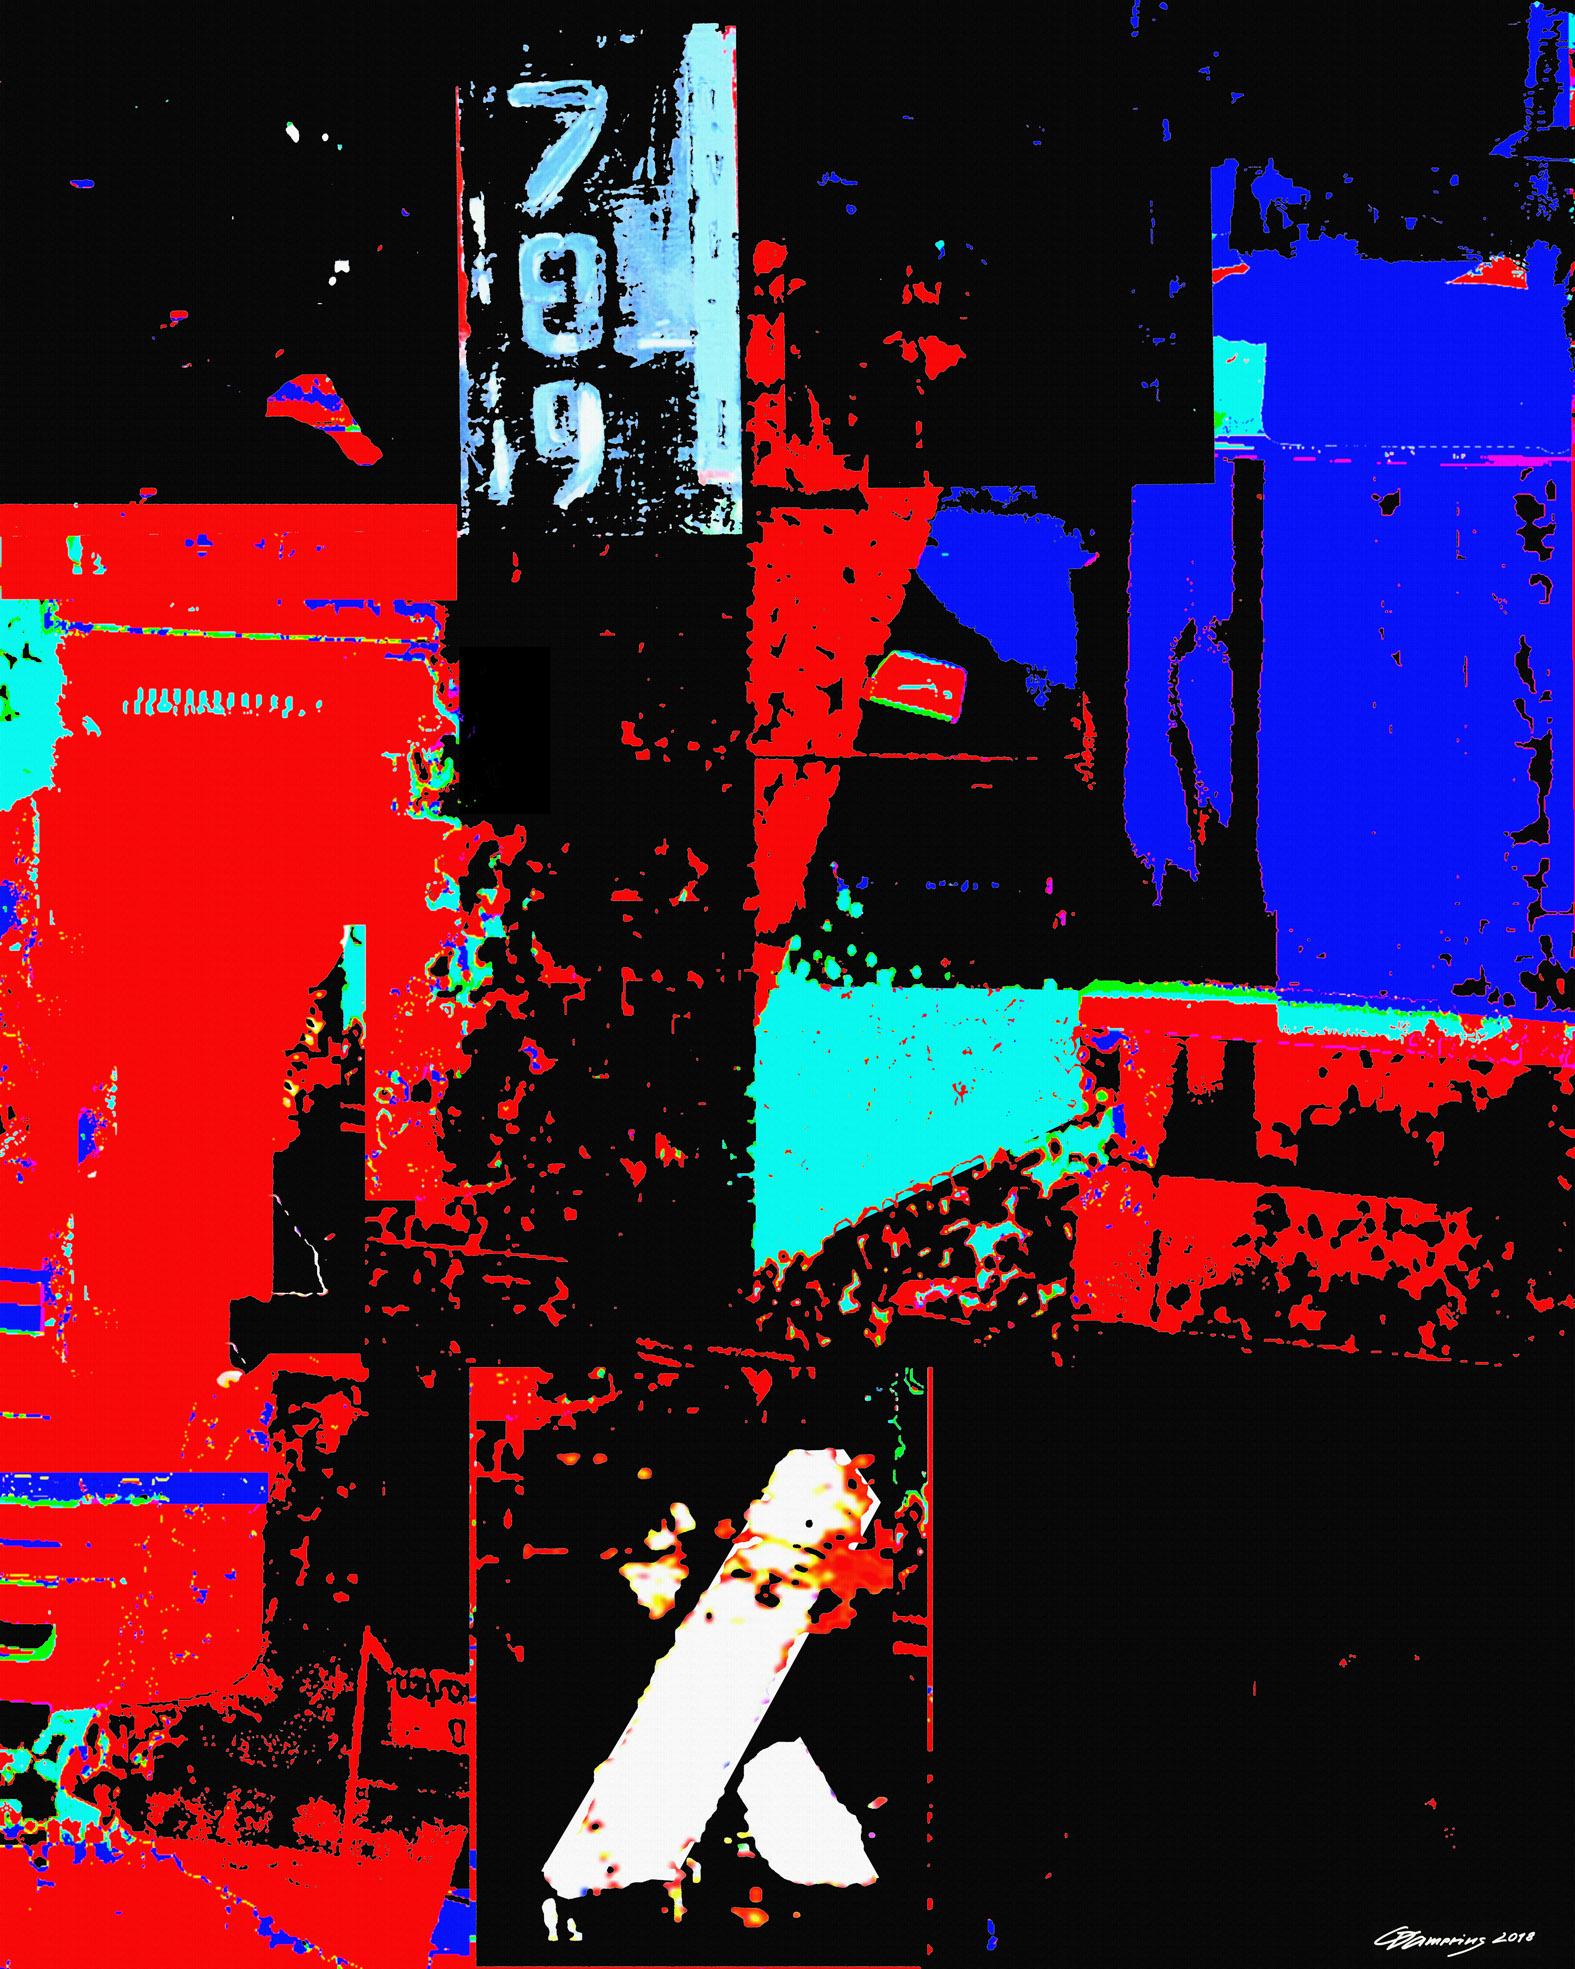 kunstdrucke hamburger hafen,signale,christian damerius,hamburger hafen signal,kunstdrucke motive,wasser,hafen gemälde,moderne malerei hafen,auftragsmalerei hamburg reinbek,